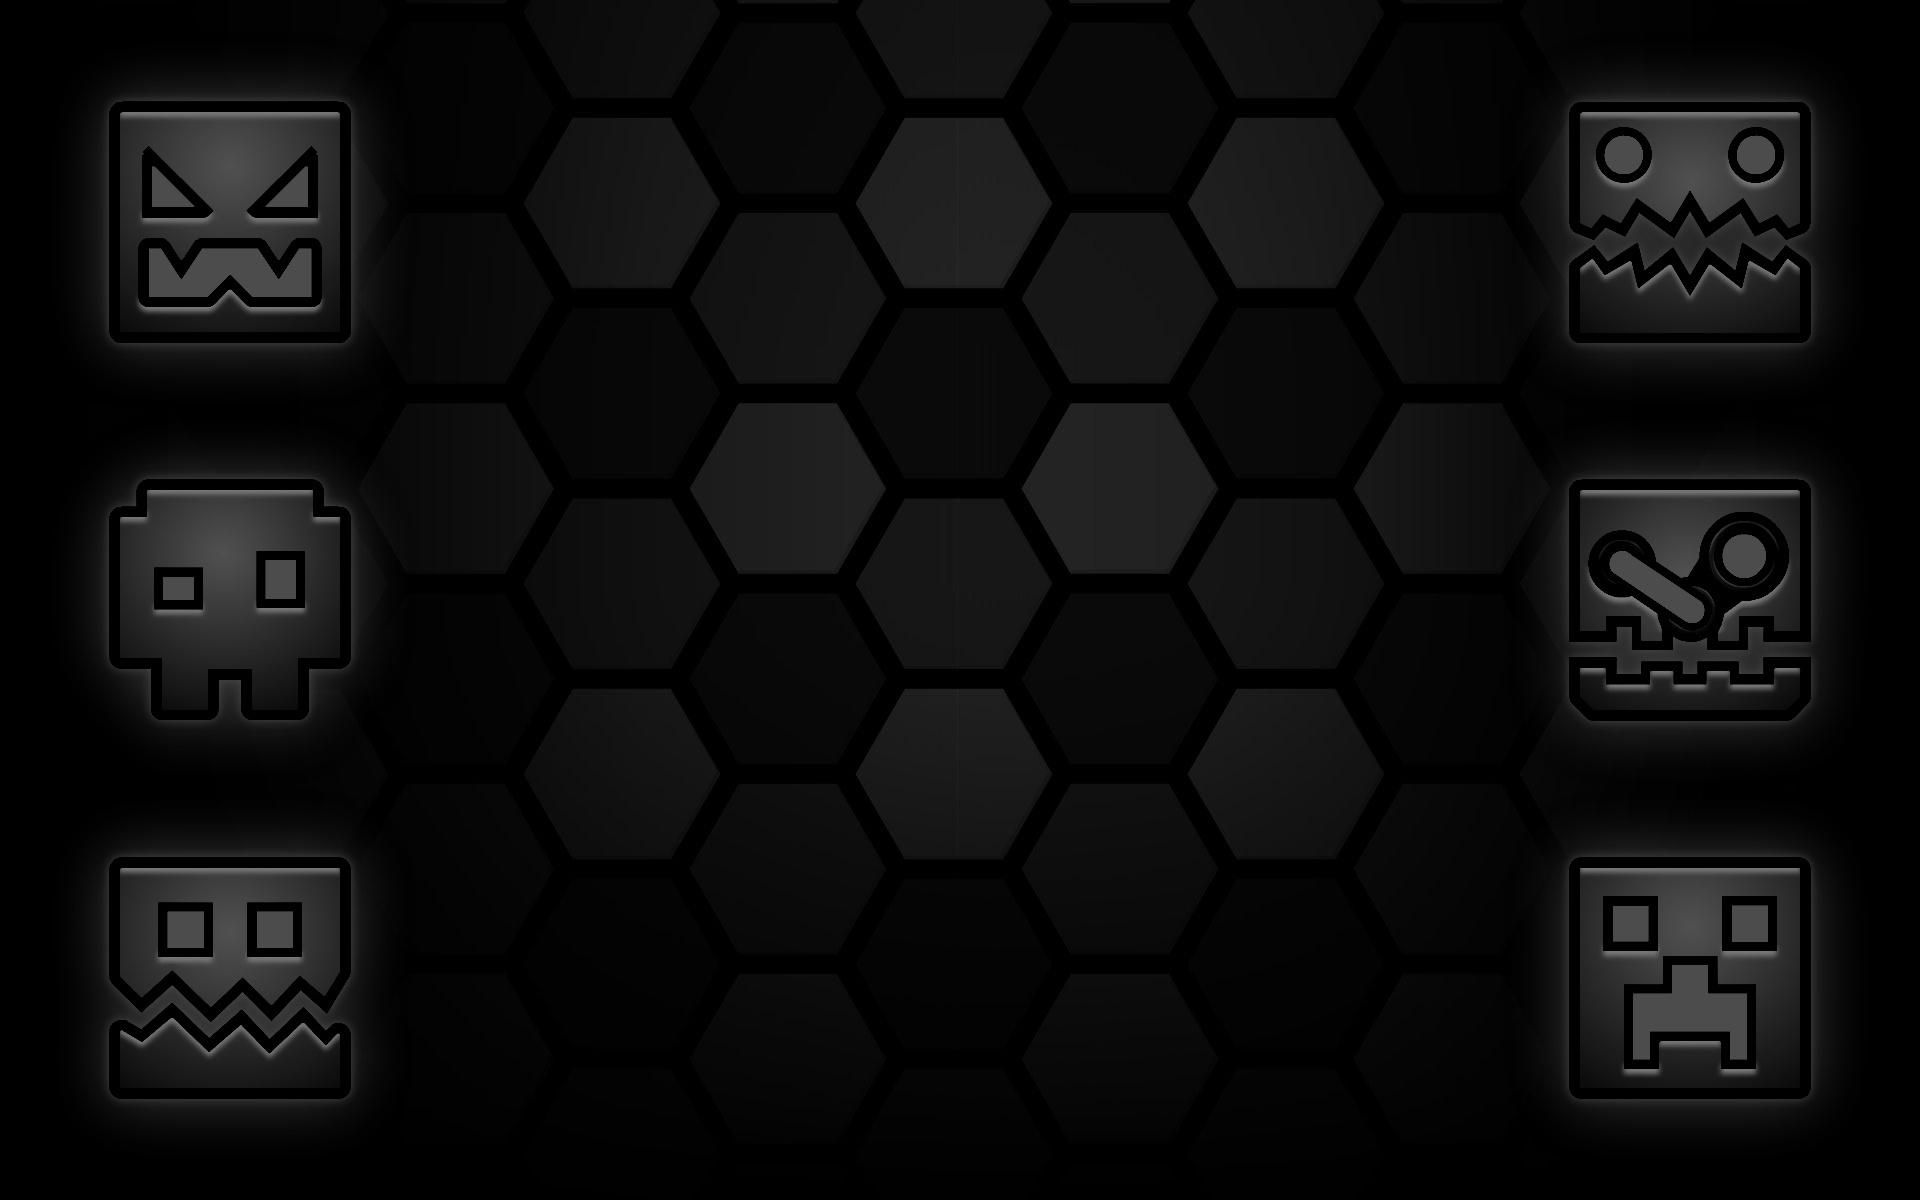 Geometry Dash Computer Wallpapers Desktop Backgrounds 1920x1200 1920x1200